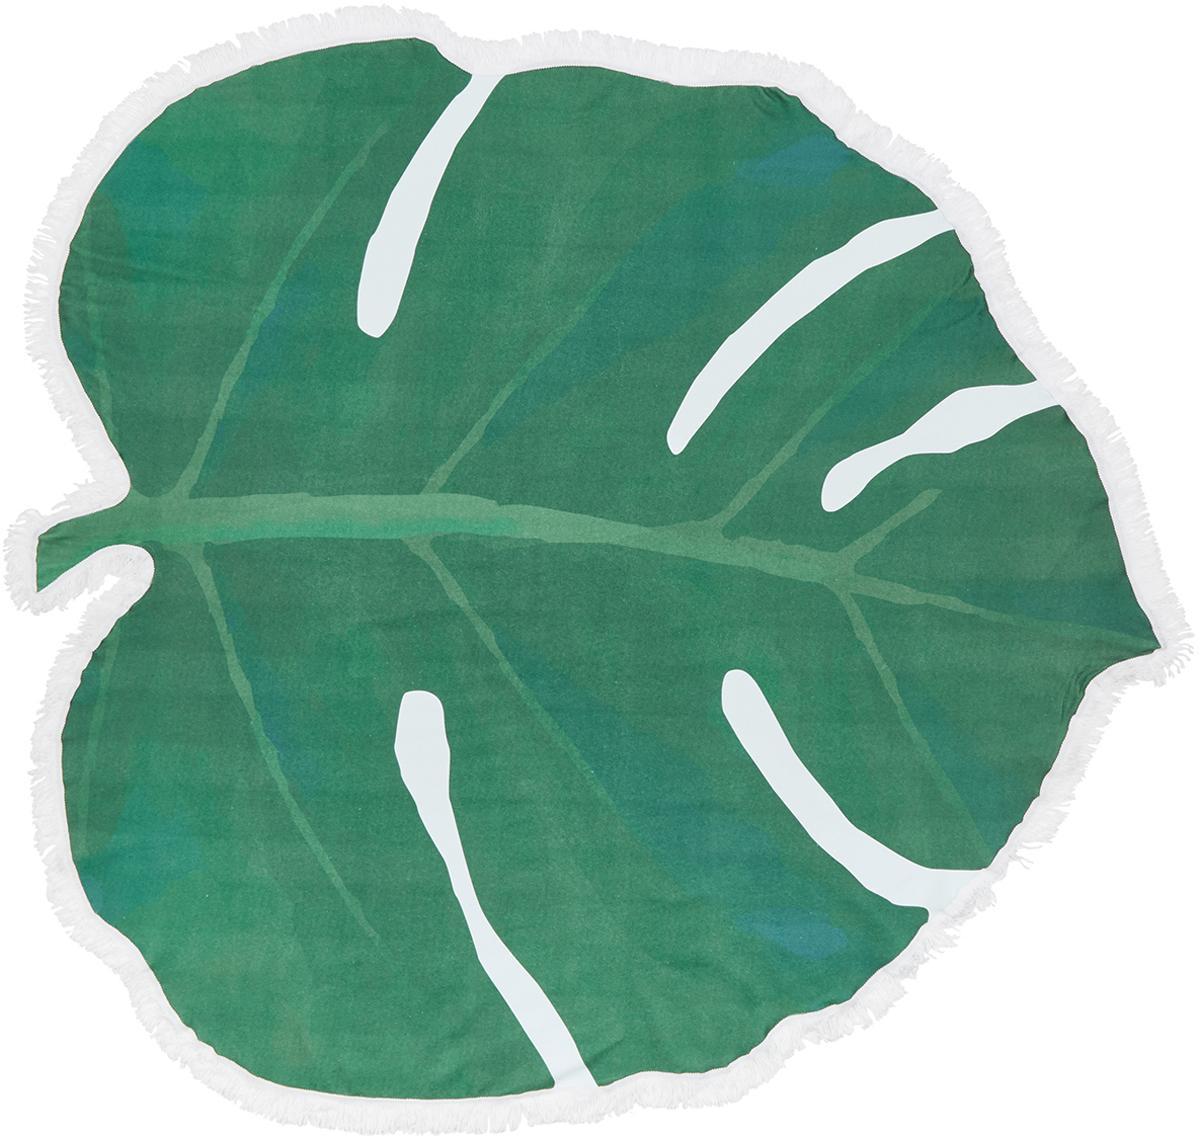 Strandtuch Leaves in Blattform, 55% Polyester, 45% Baumwolle Sehr leichte Qualität 340 g/m², Grün, Weiss, 139 x 150 cm